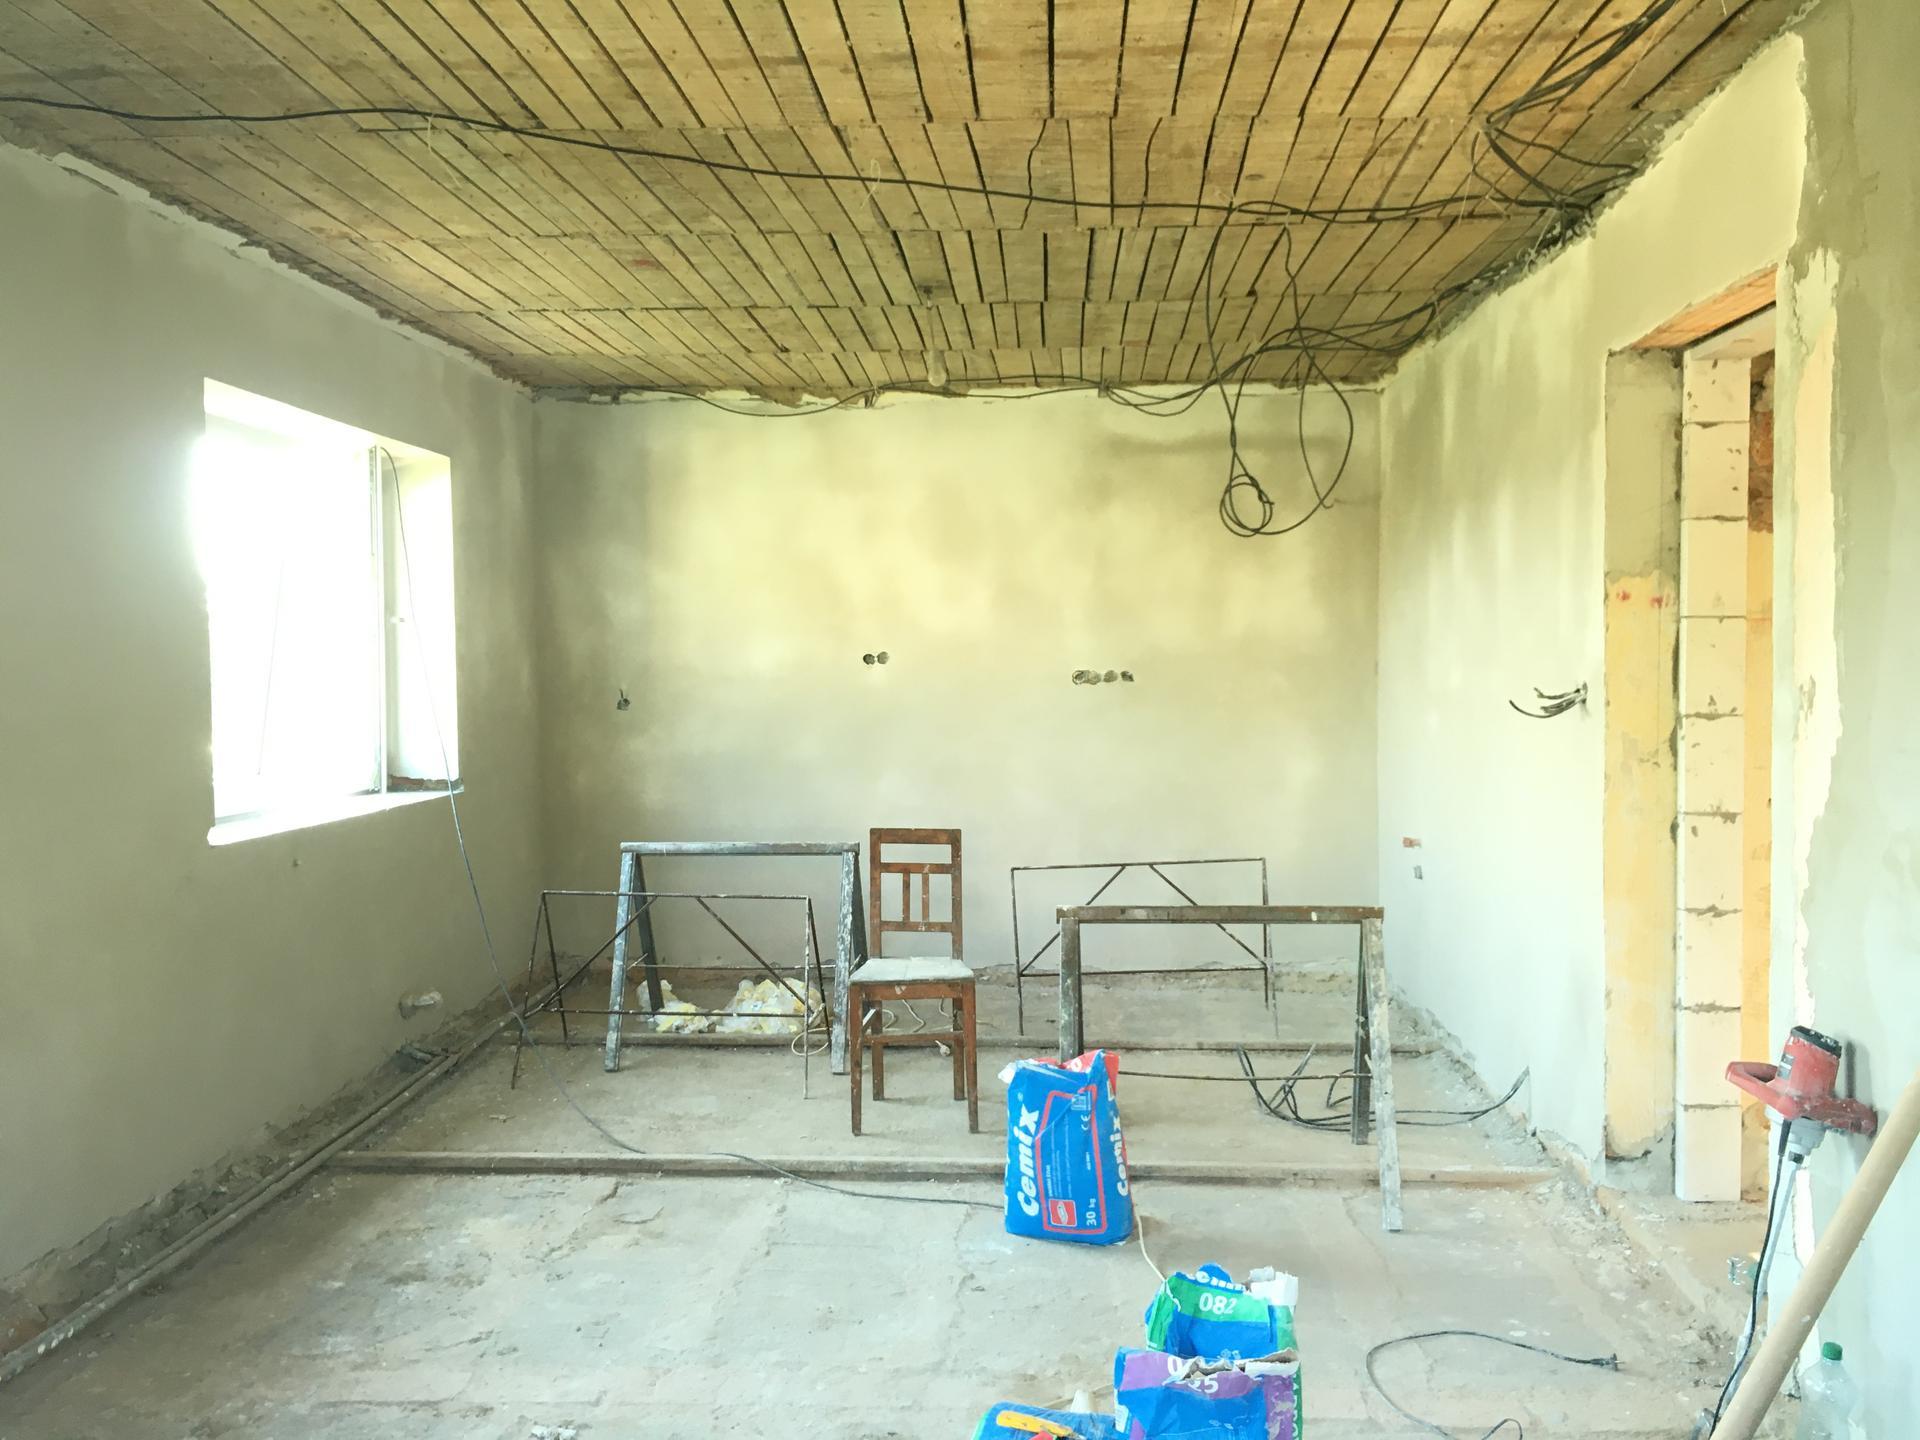 Rekonstrukce 🏡 20/21 - Nové štuky v místnostech